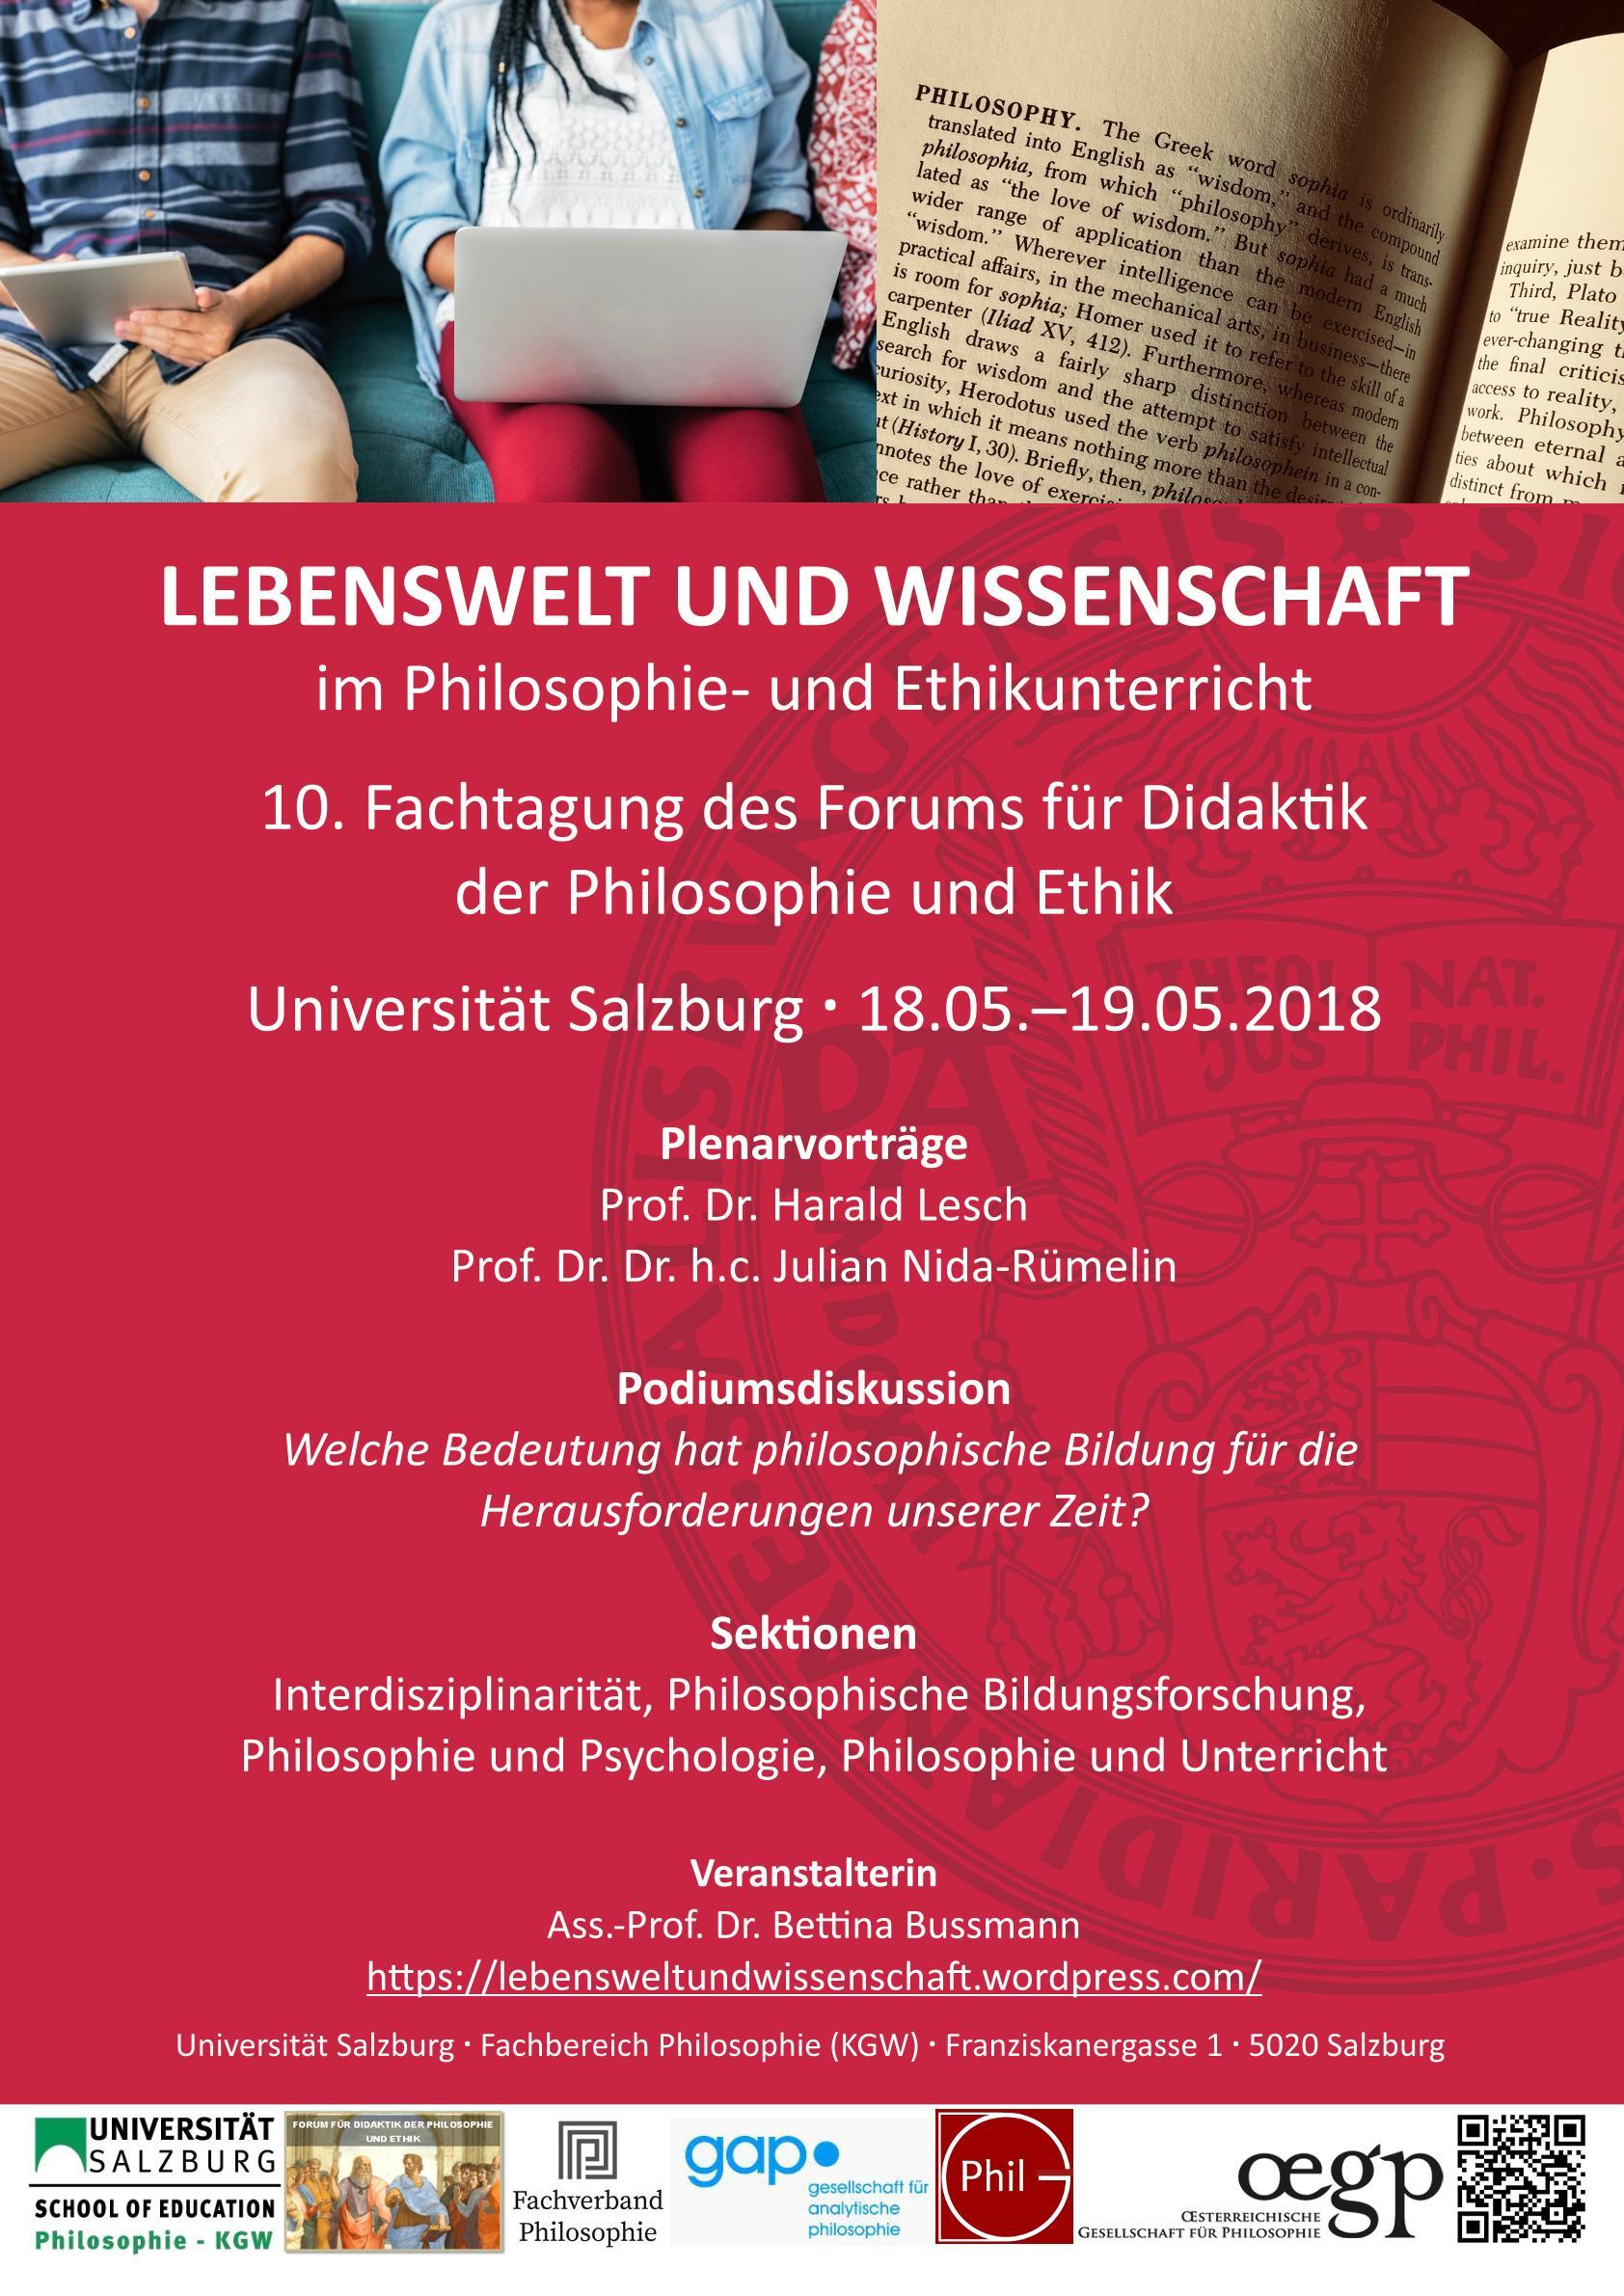 Lebenswelt_und_Wissenschaft_2018_Plakat